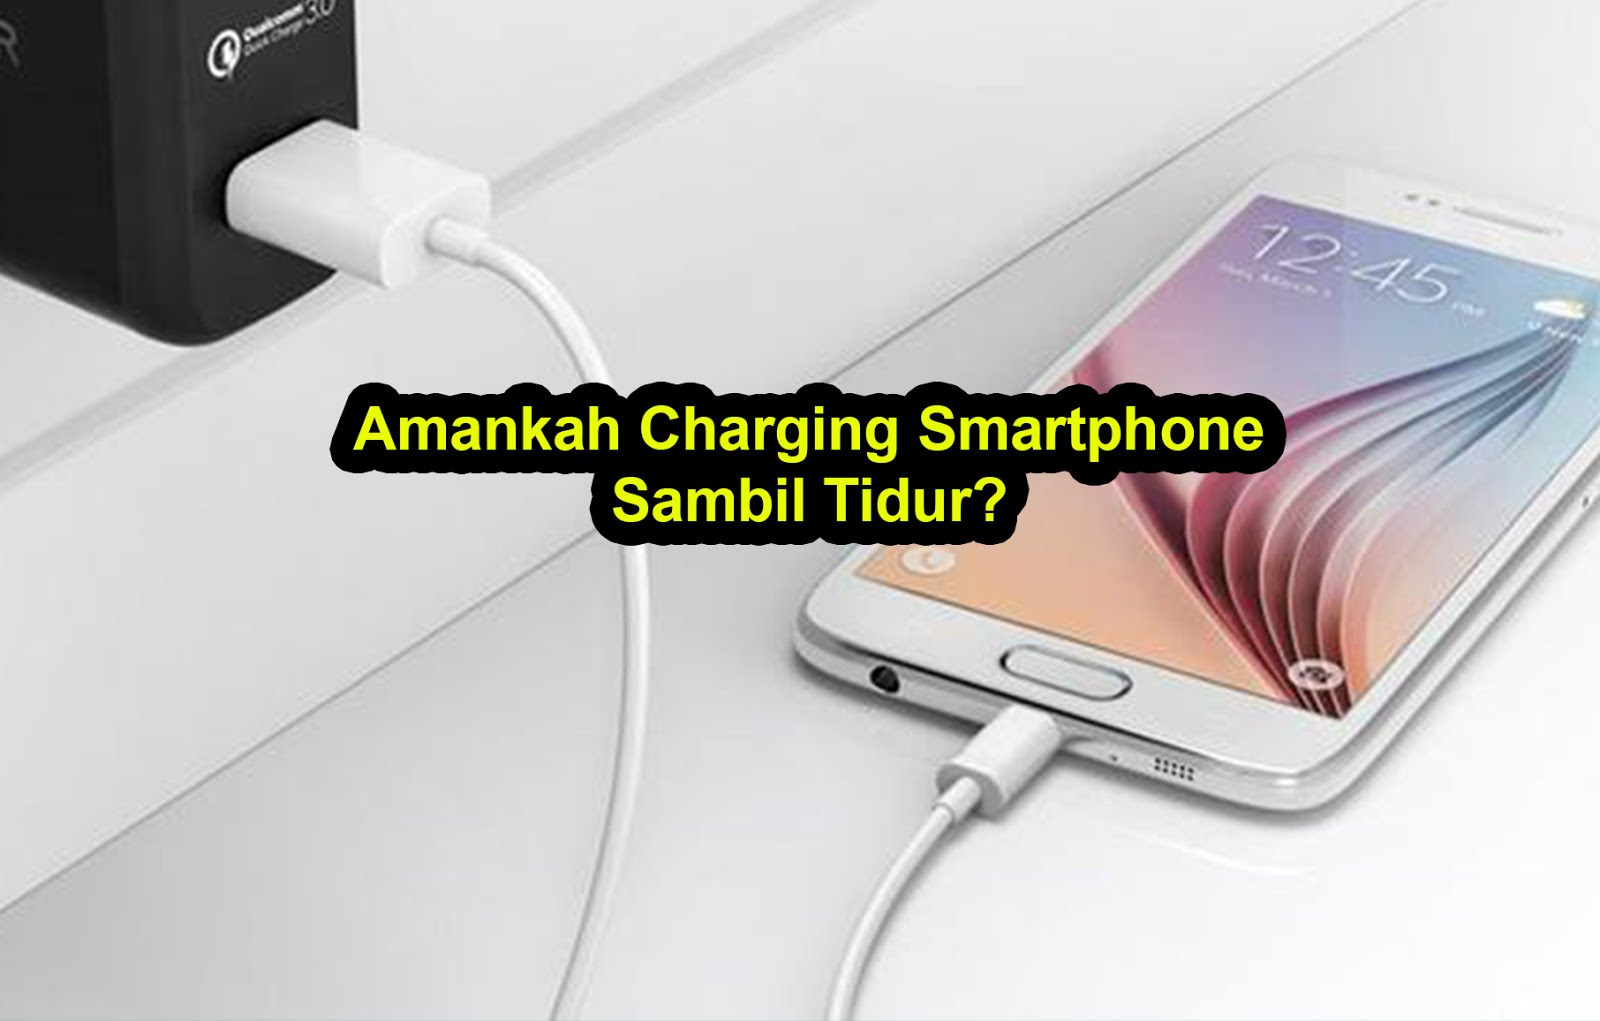 Amankah Charging Smartphone Sambil Tidur?